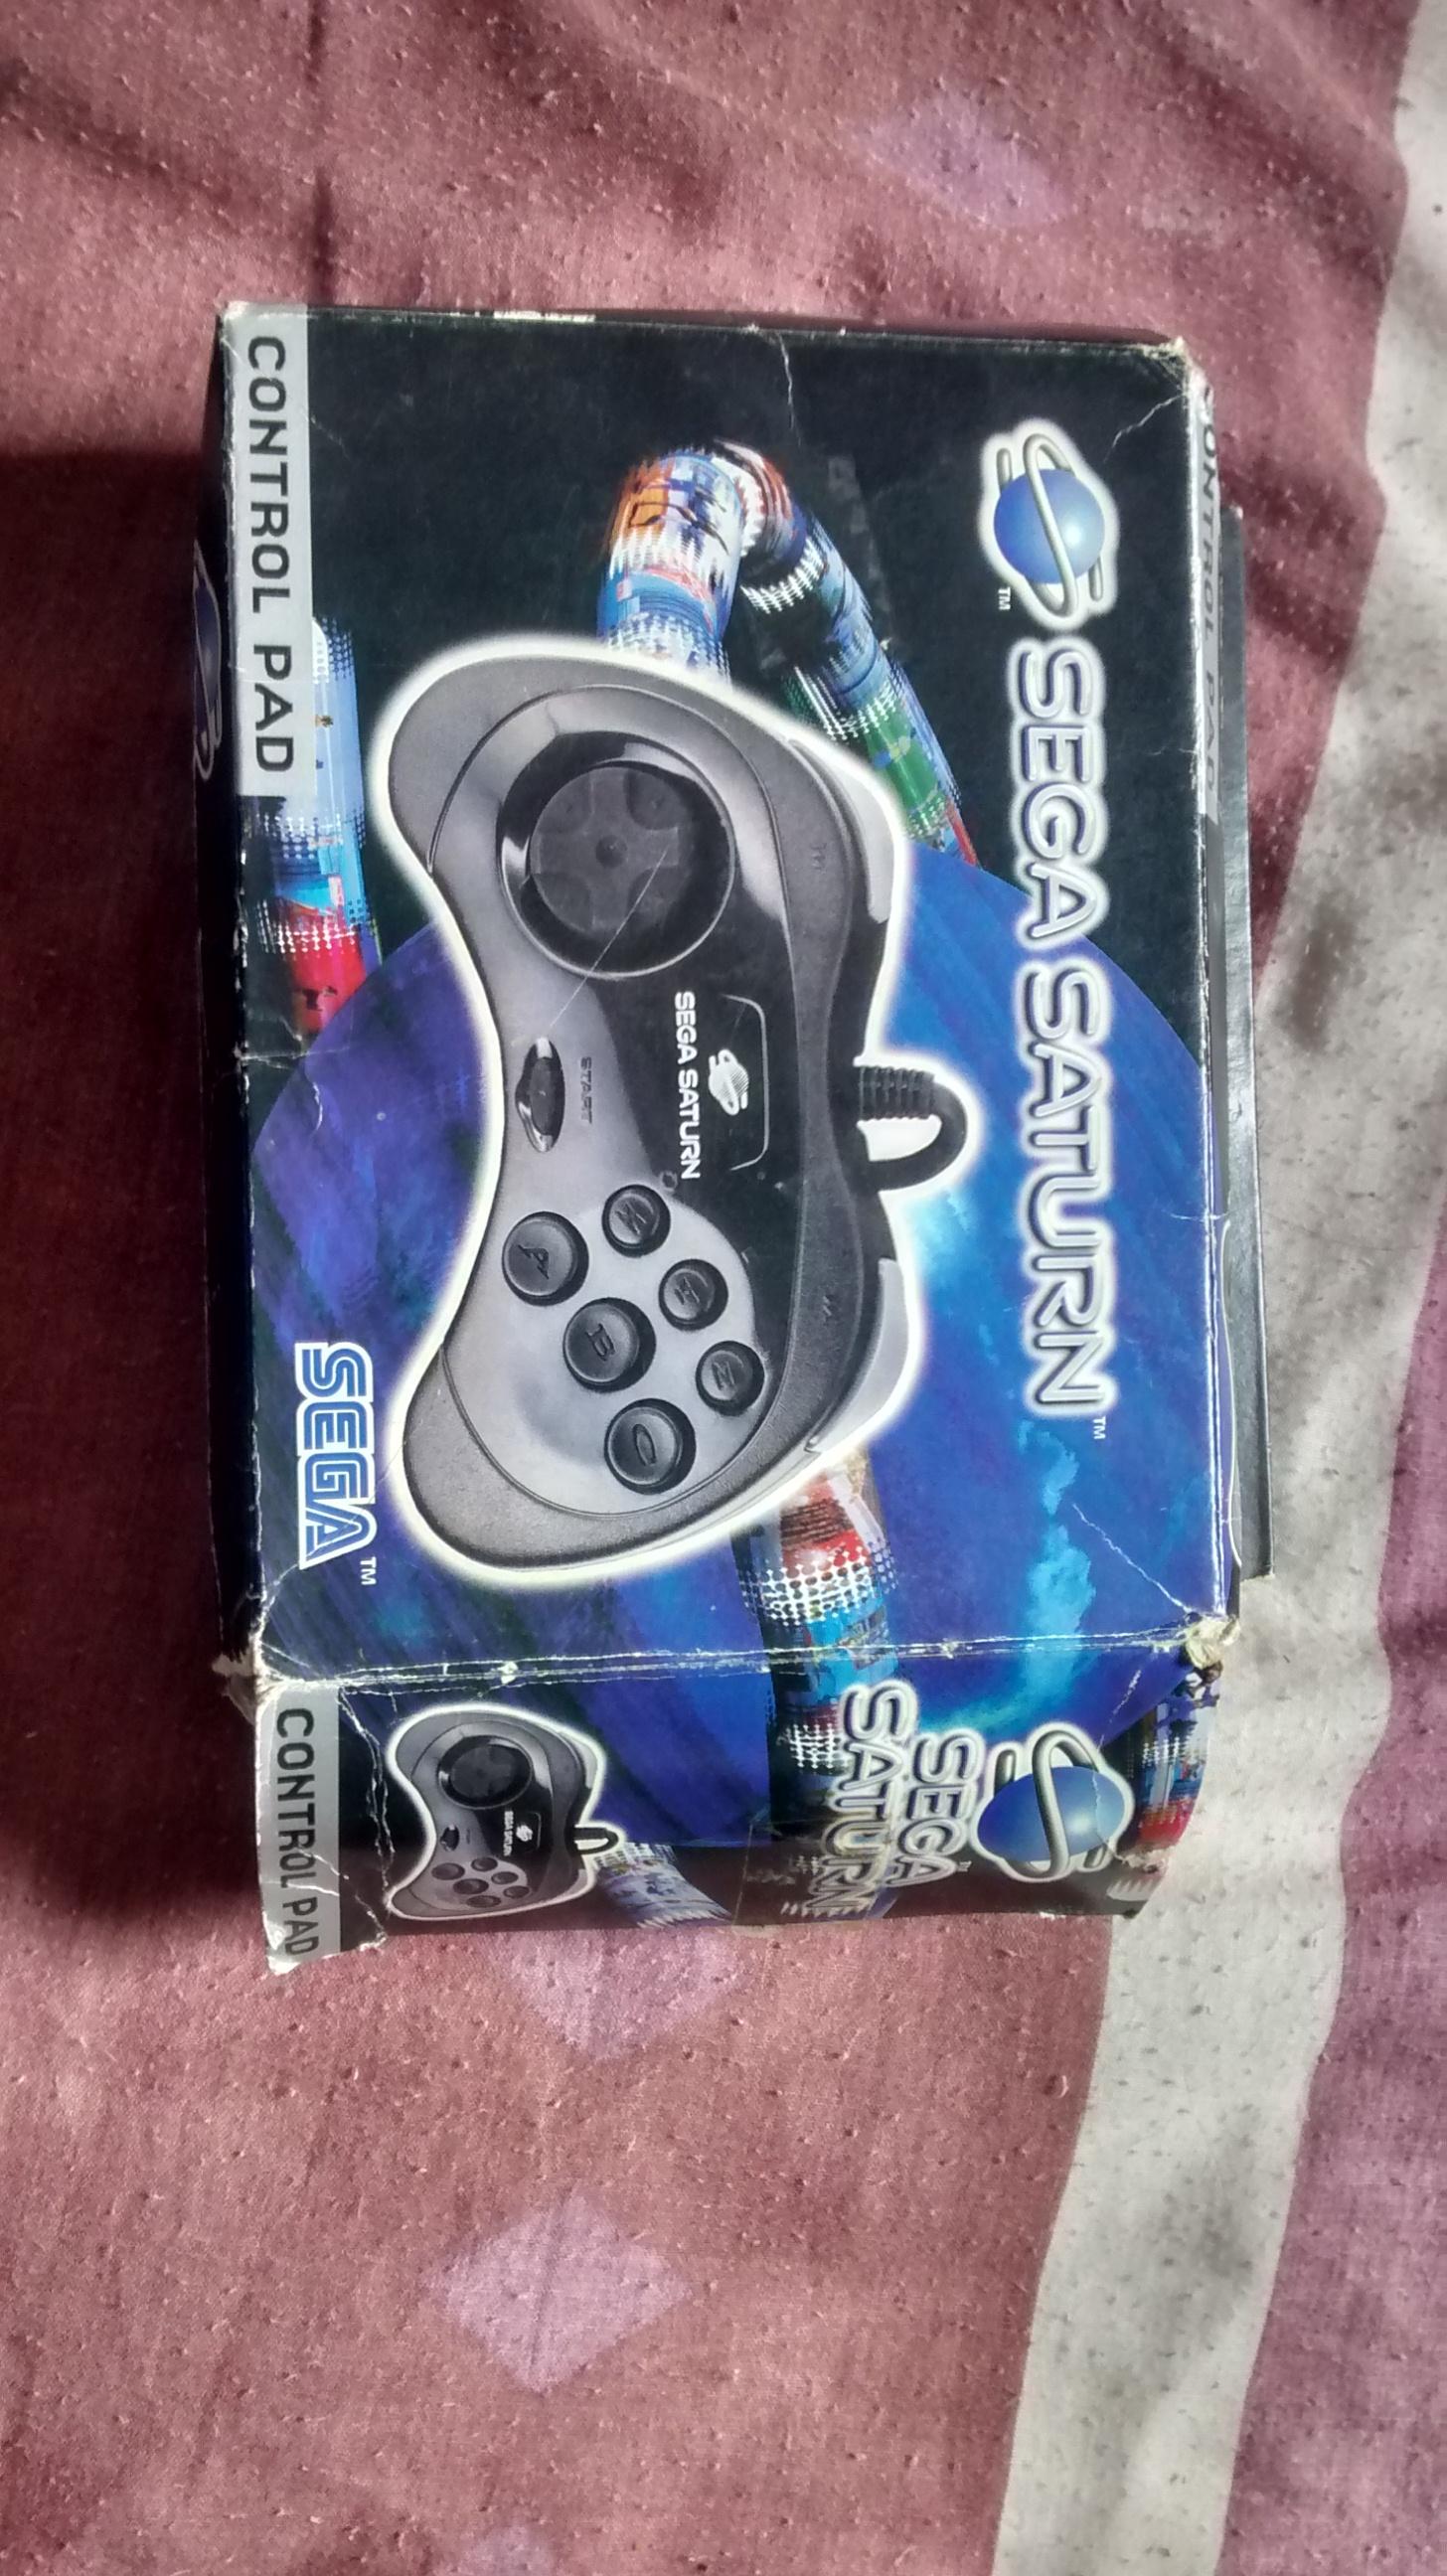 [Vds] Lot Dreamcast - MS/MD et Saturn Update 18/01 ajout Jeux Sat Jap - Page 4 265899IMG20160123123630968HDR1